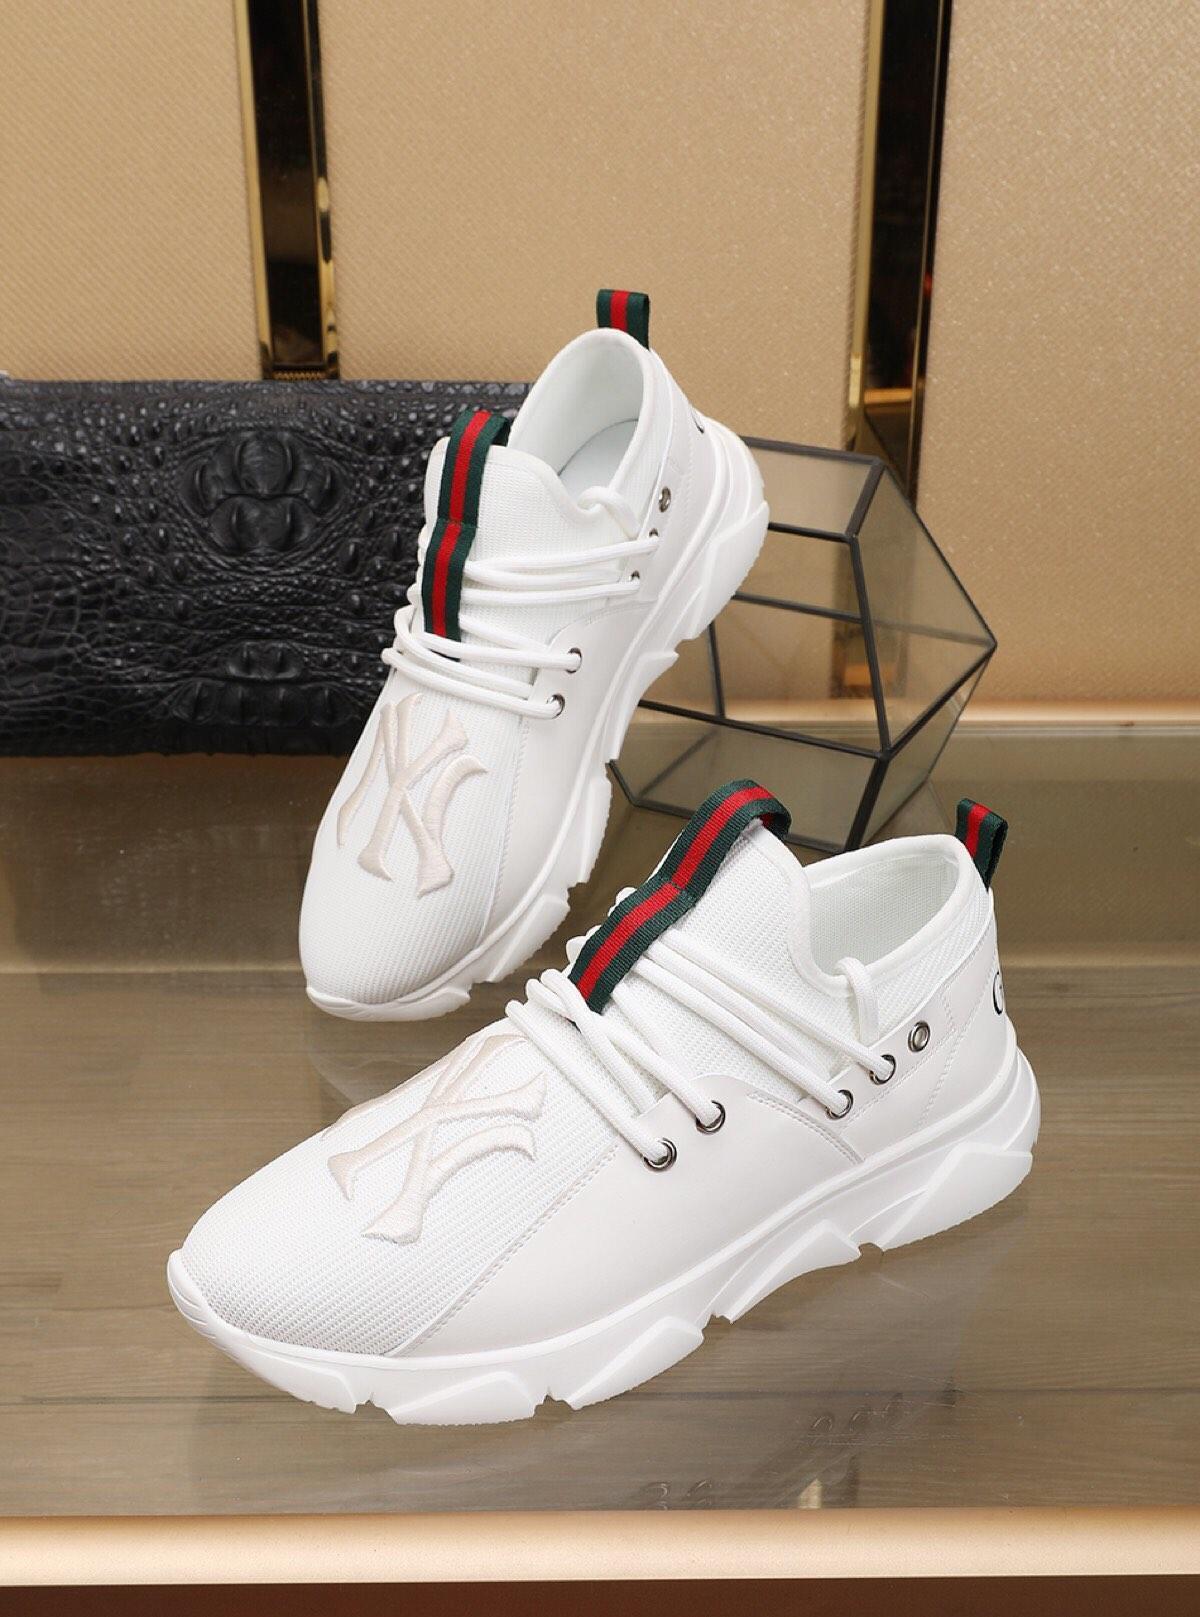 2021o stile personalizzato marea di marca degli uomini '; s scarpe casual, moda versatili Calzature sportive comode, inviare una serie completa di scatole di scarpe originali